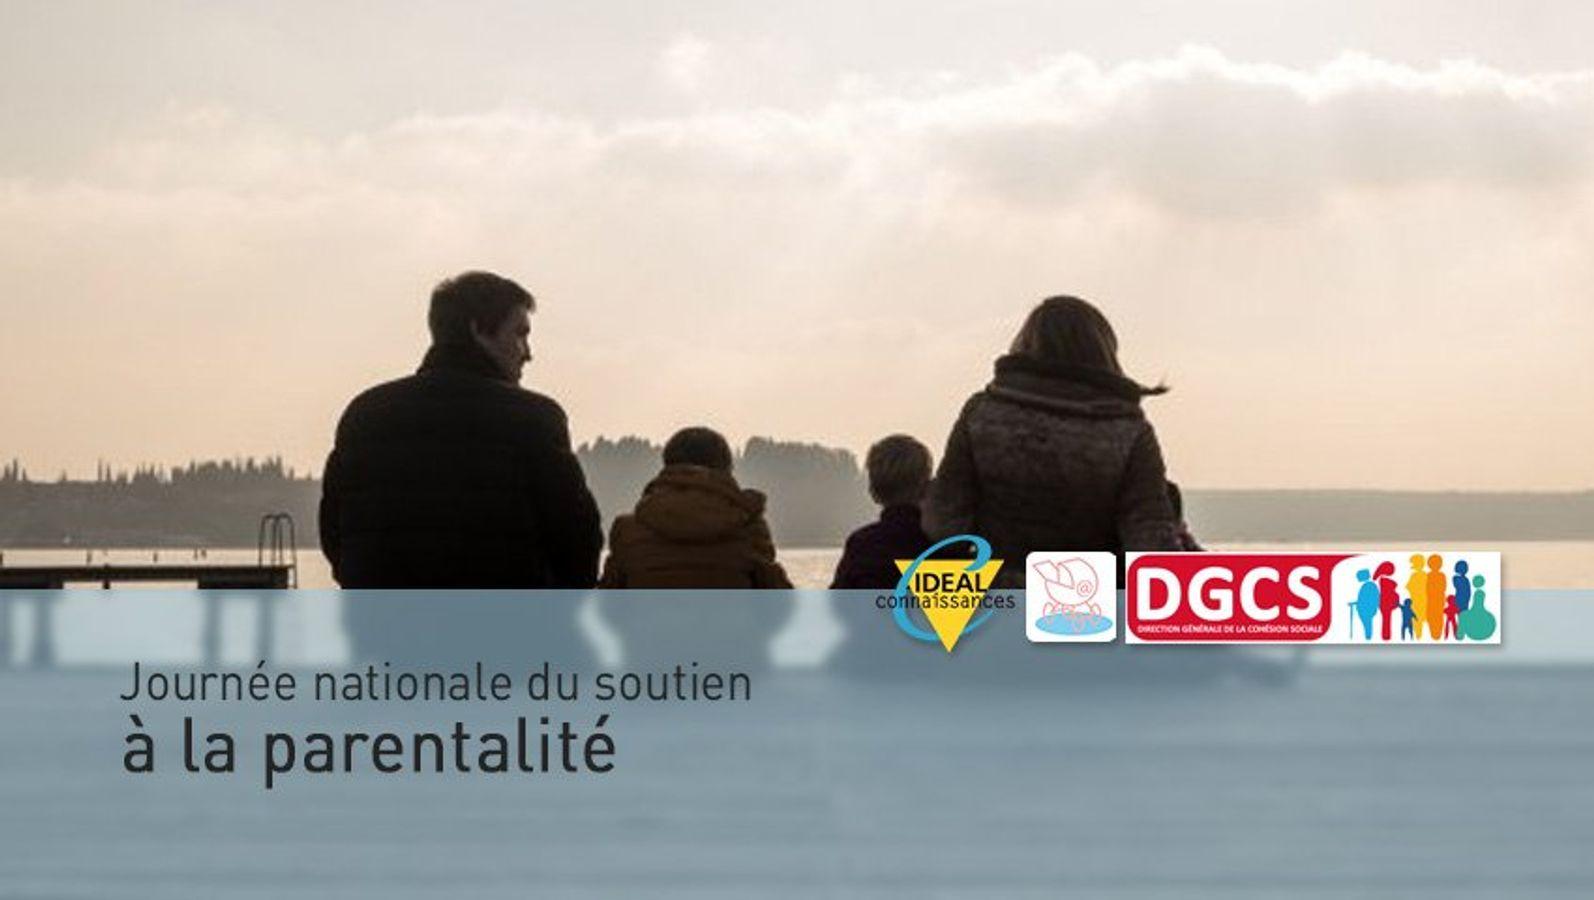 Introduction et Regards croisés sur le soutien à la parentalité : comment mobiliser l'ensemble des acteurs pour mieux accompagner les parents ?